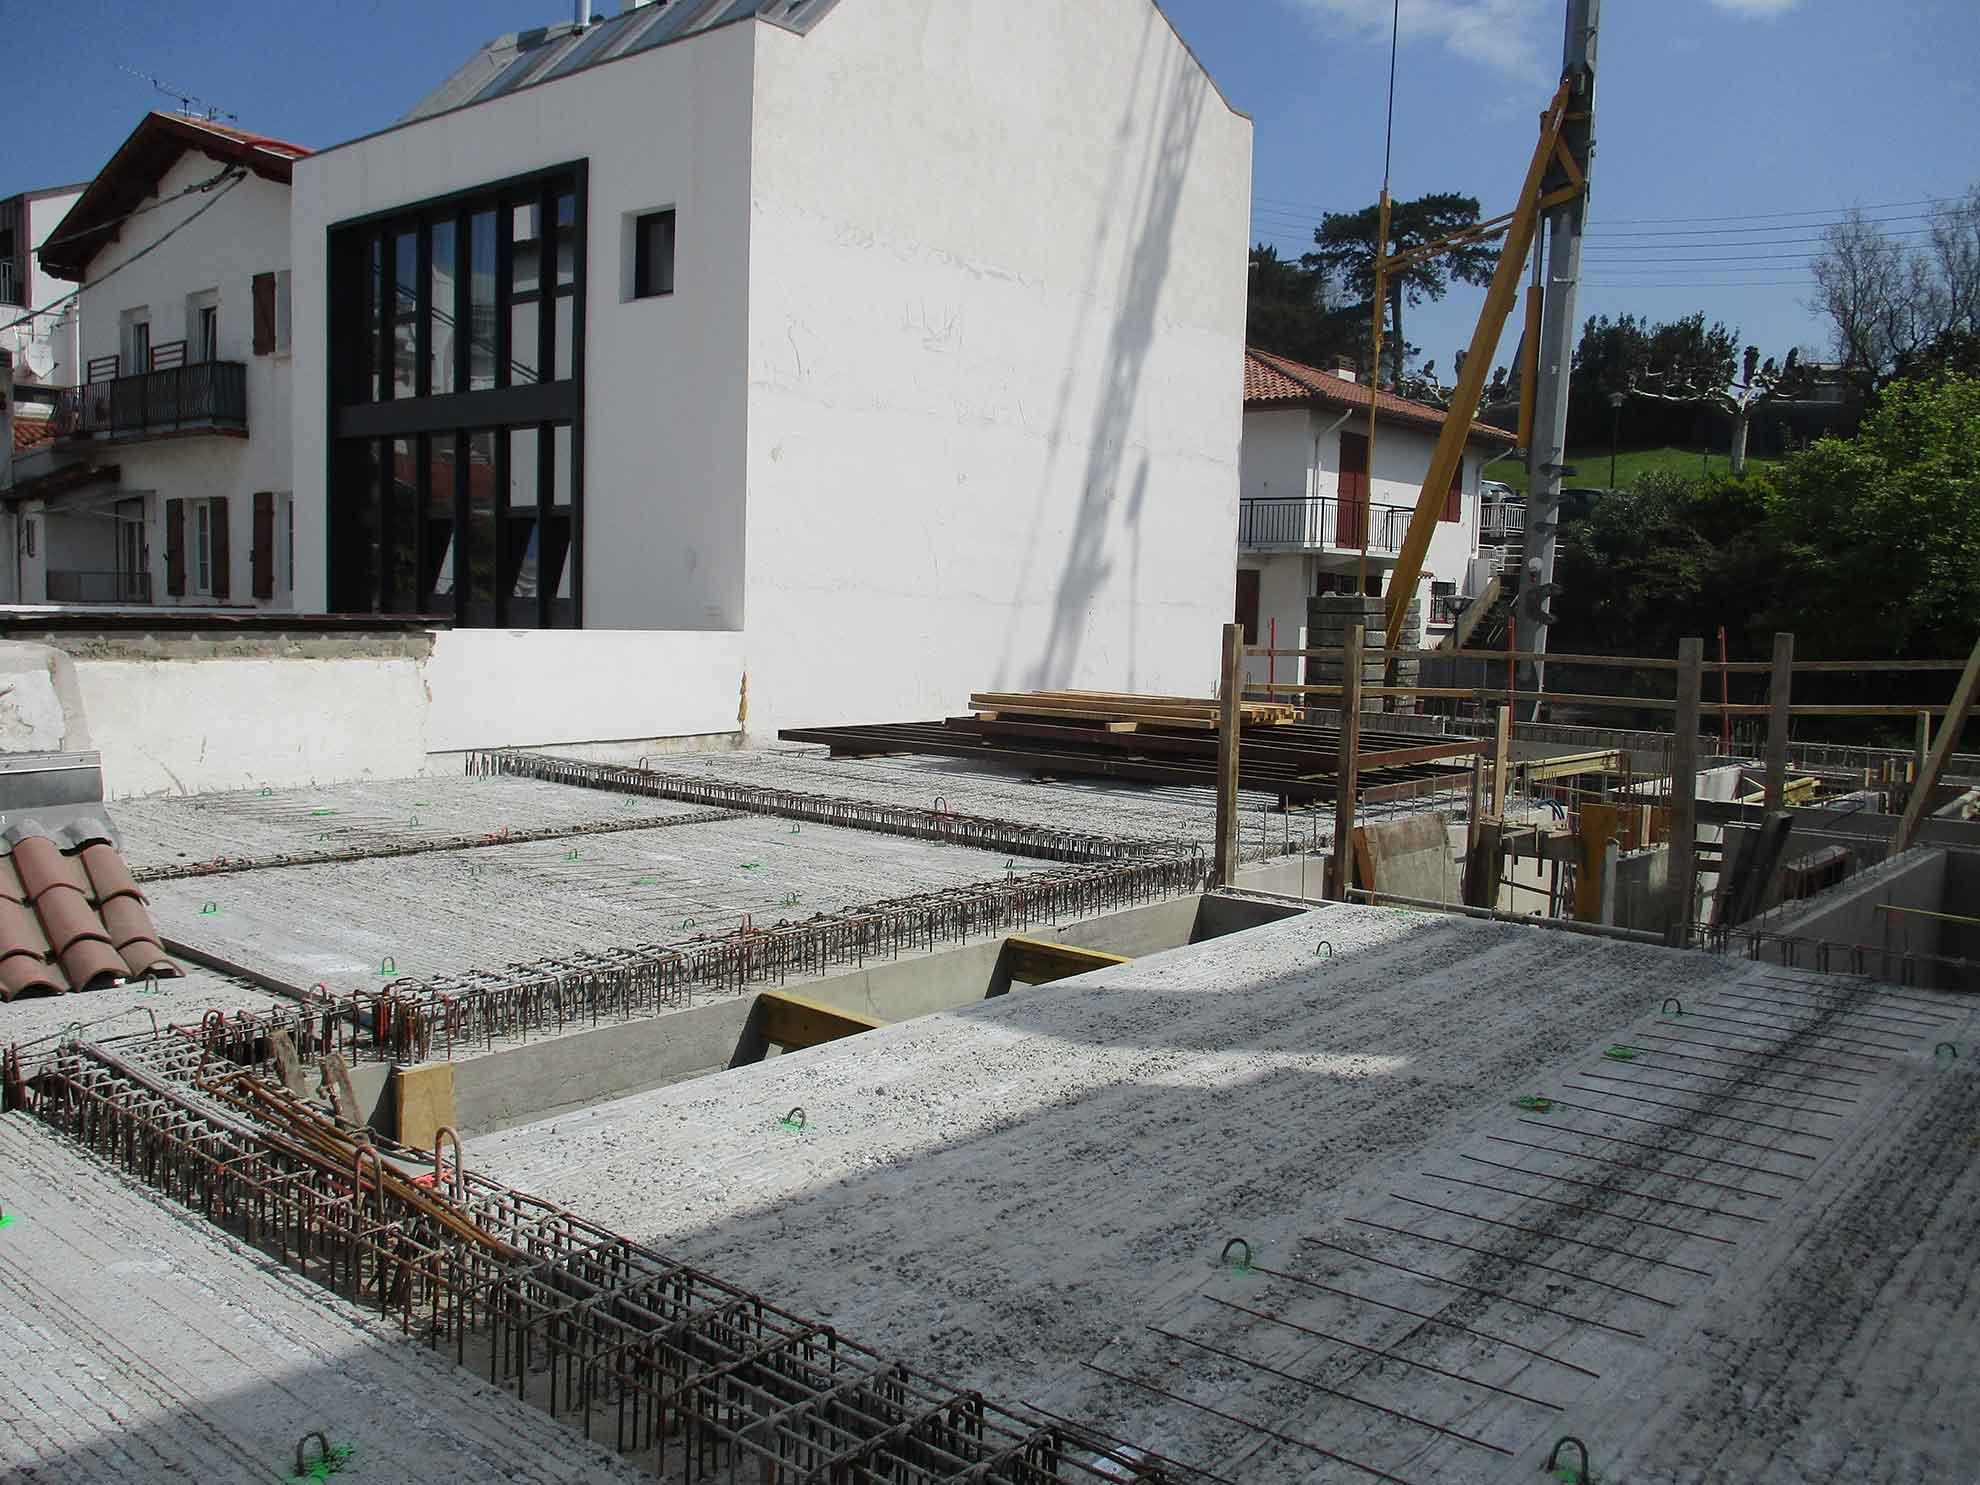 dallage-logement-collectif-construction